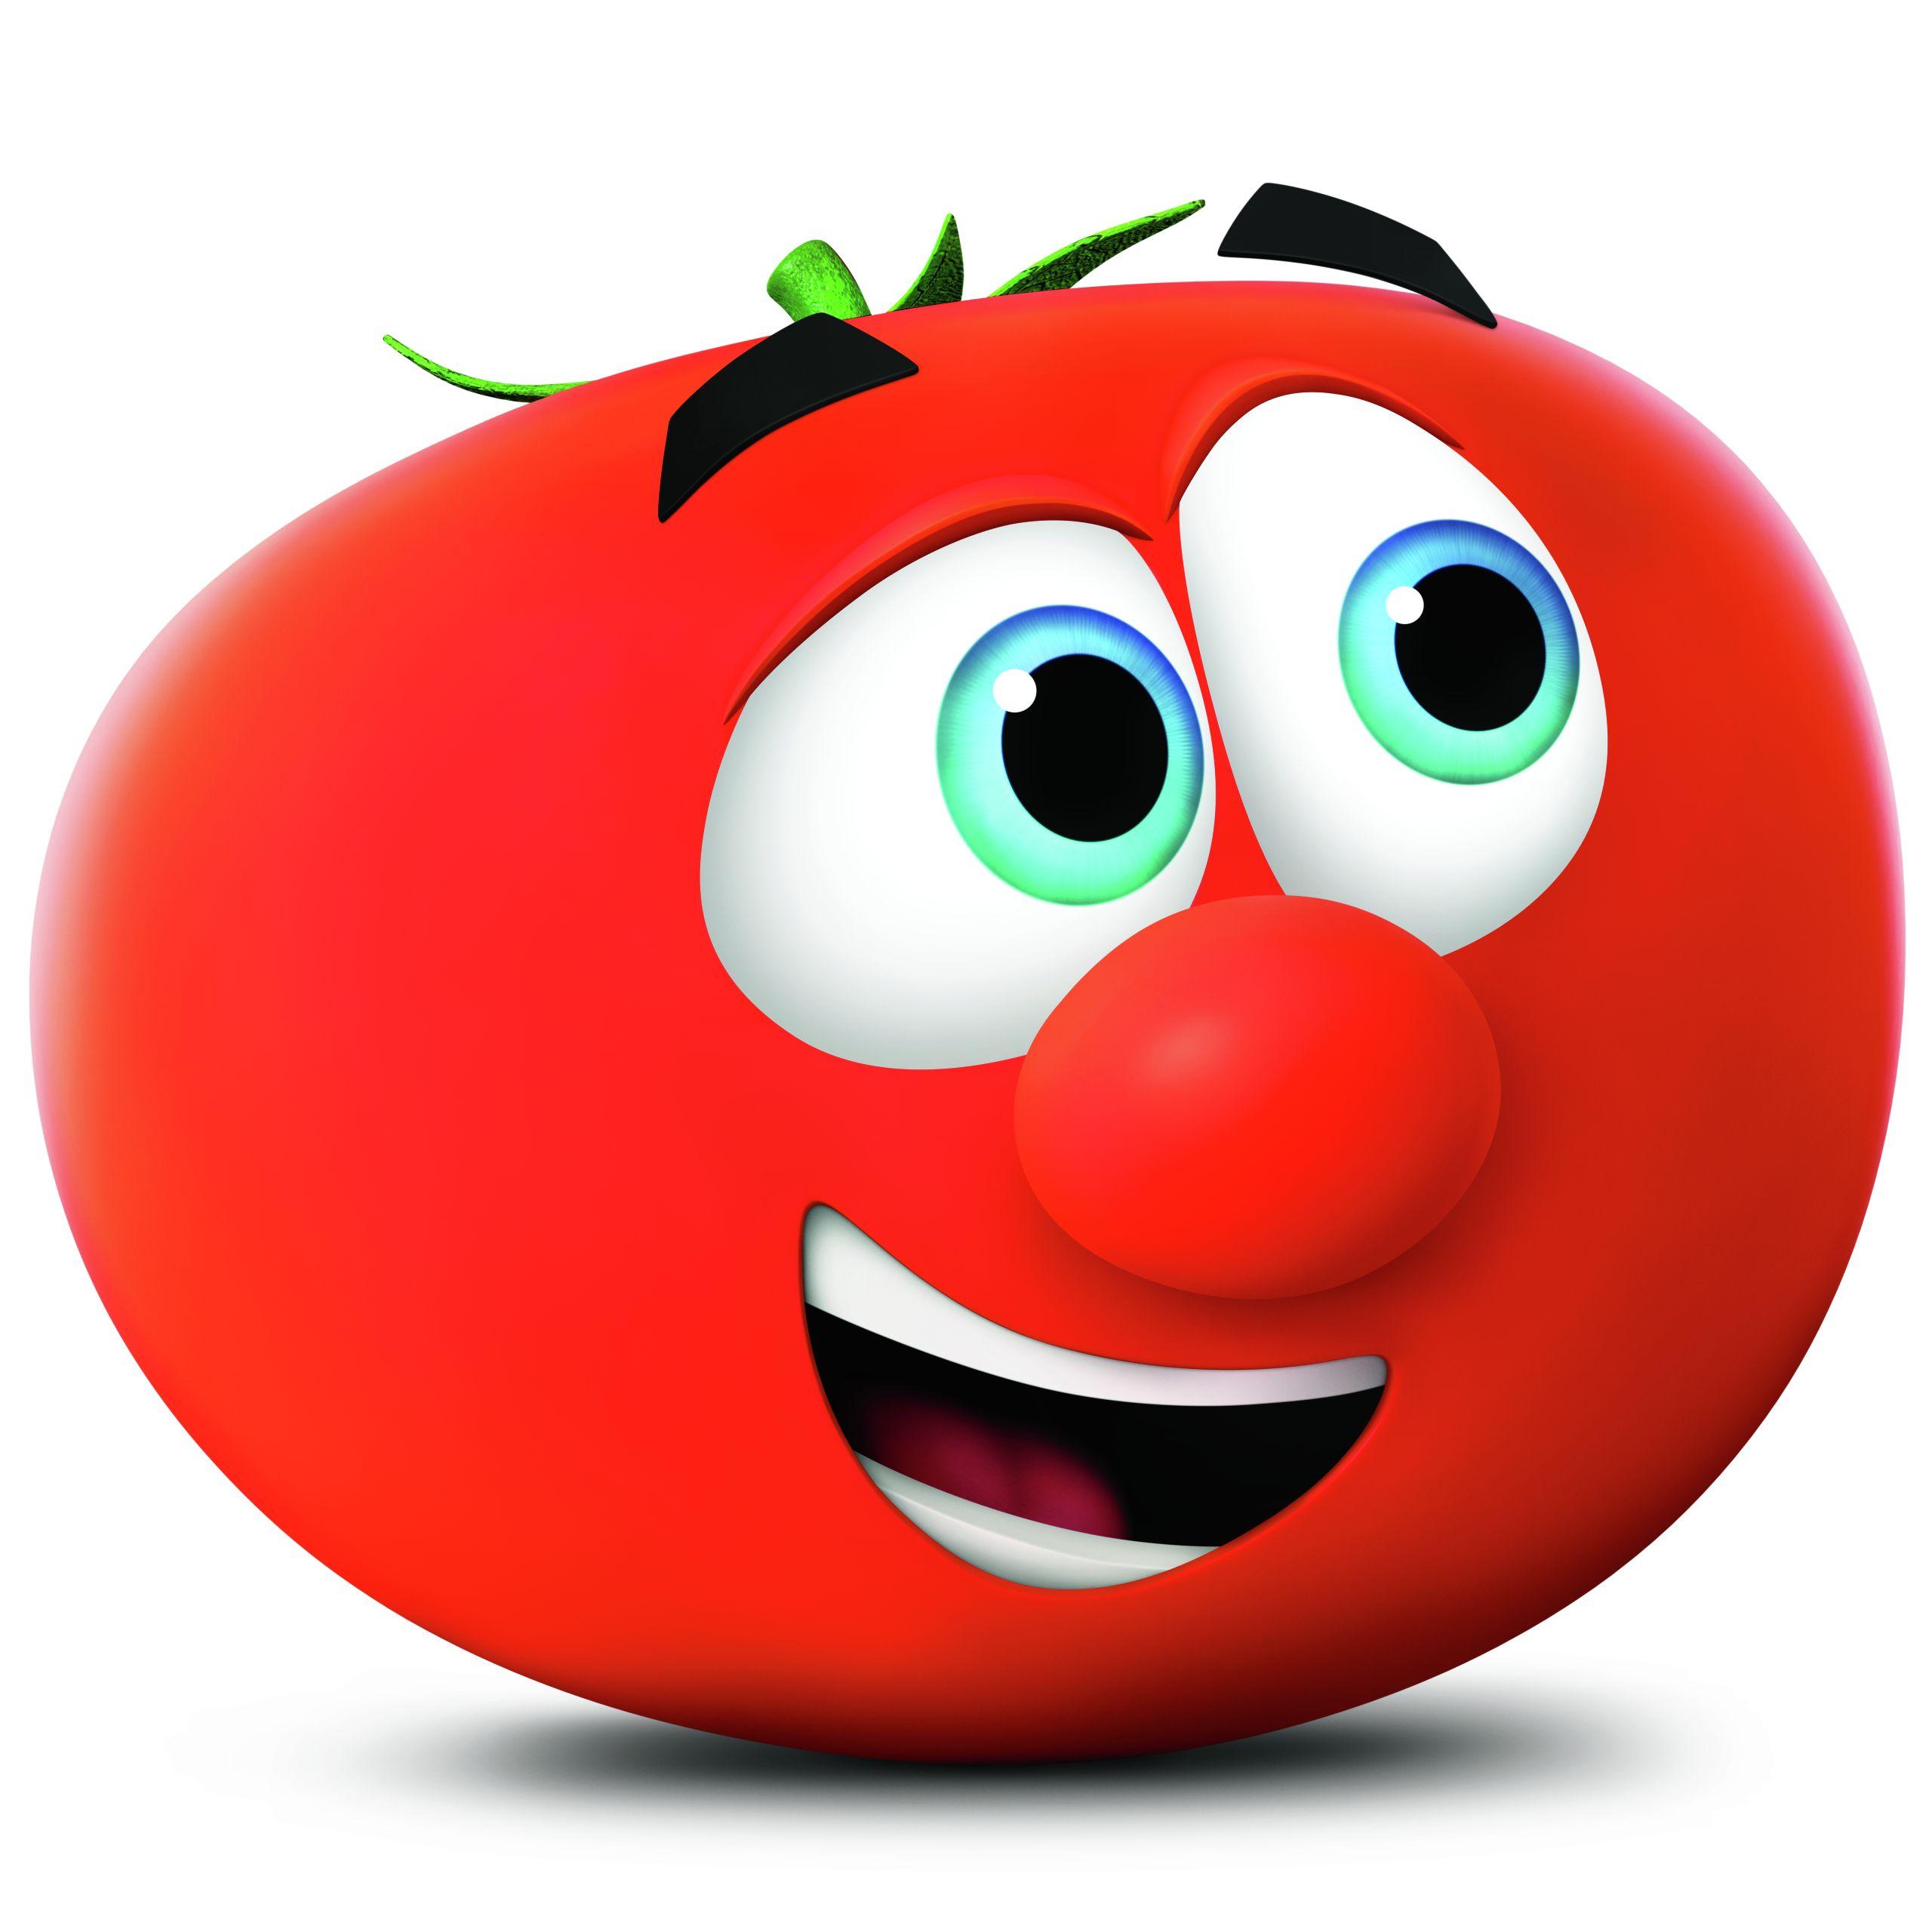 西红柿壁纸卡通